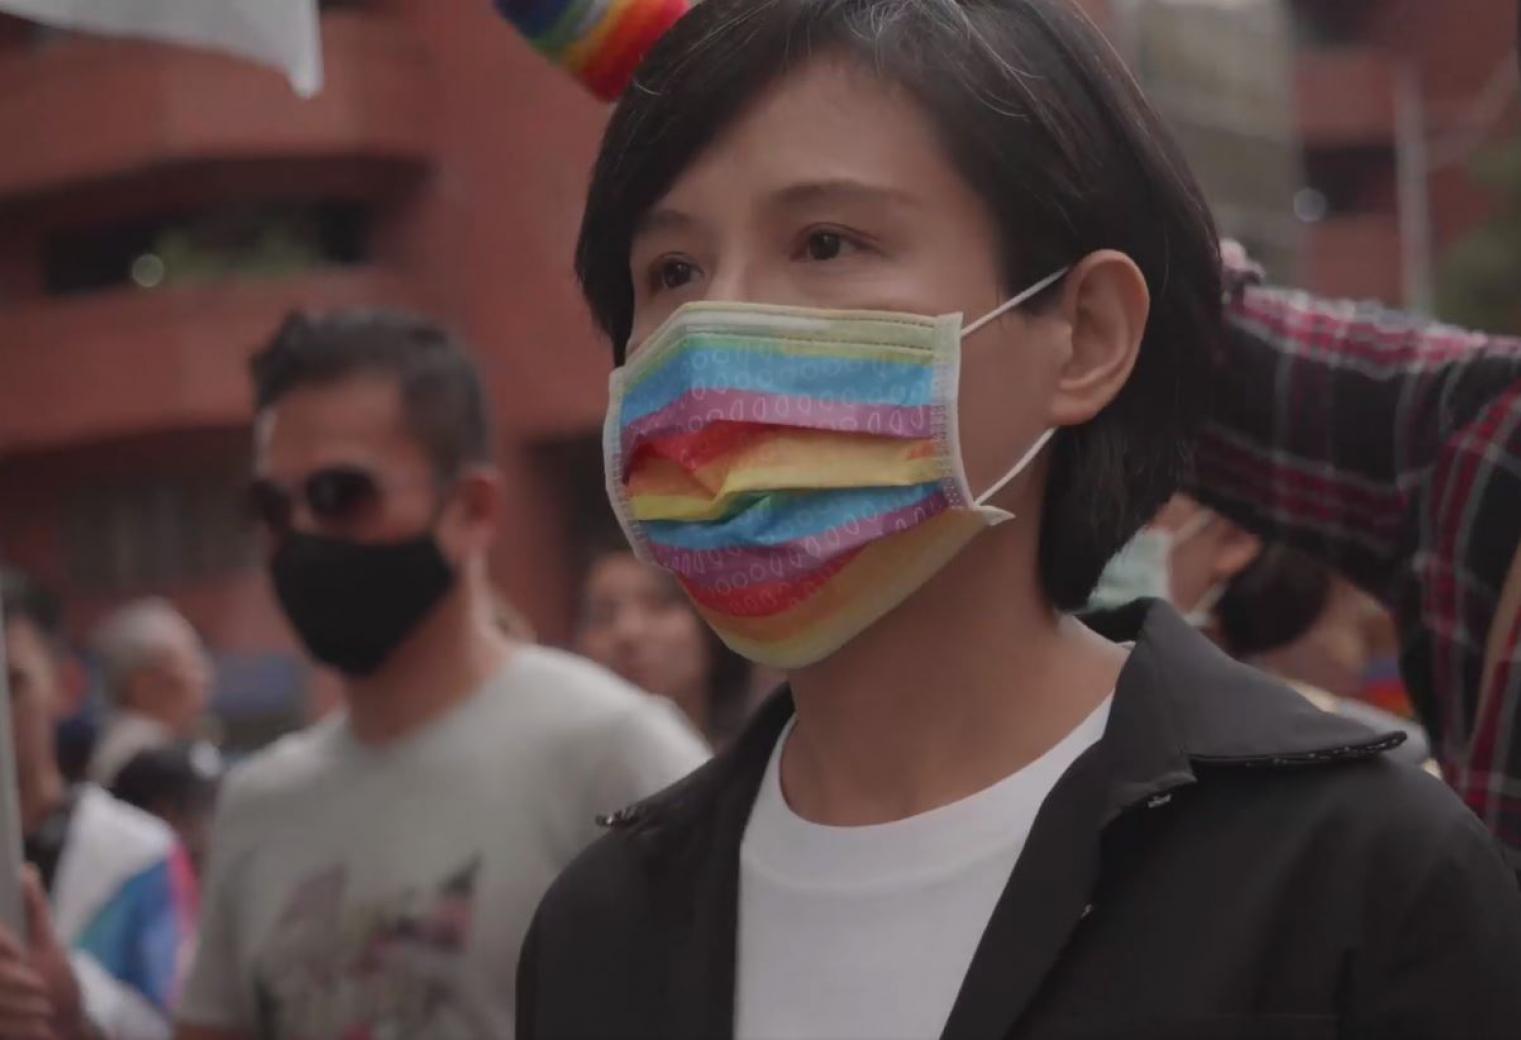 2020臺灣同志遊行超過13萬人響應,前文化部長鄭麗君向已故友人邱妙津說:「我們做到了!」